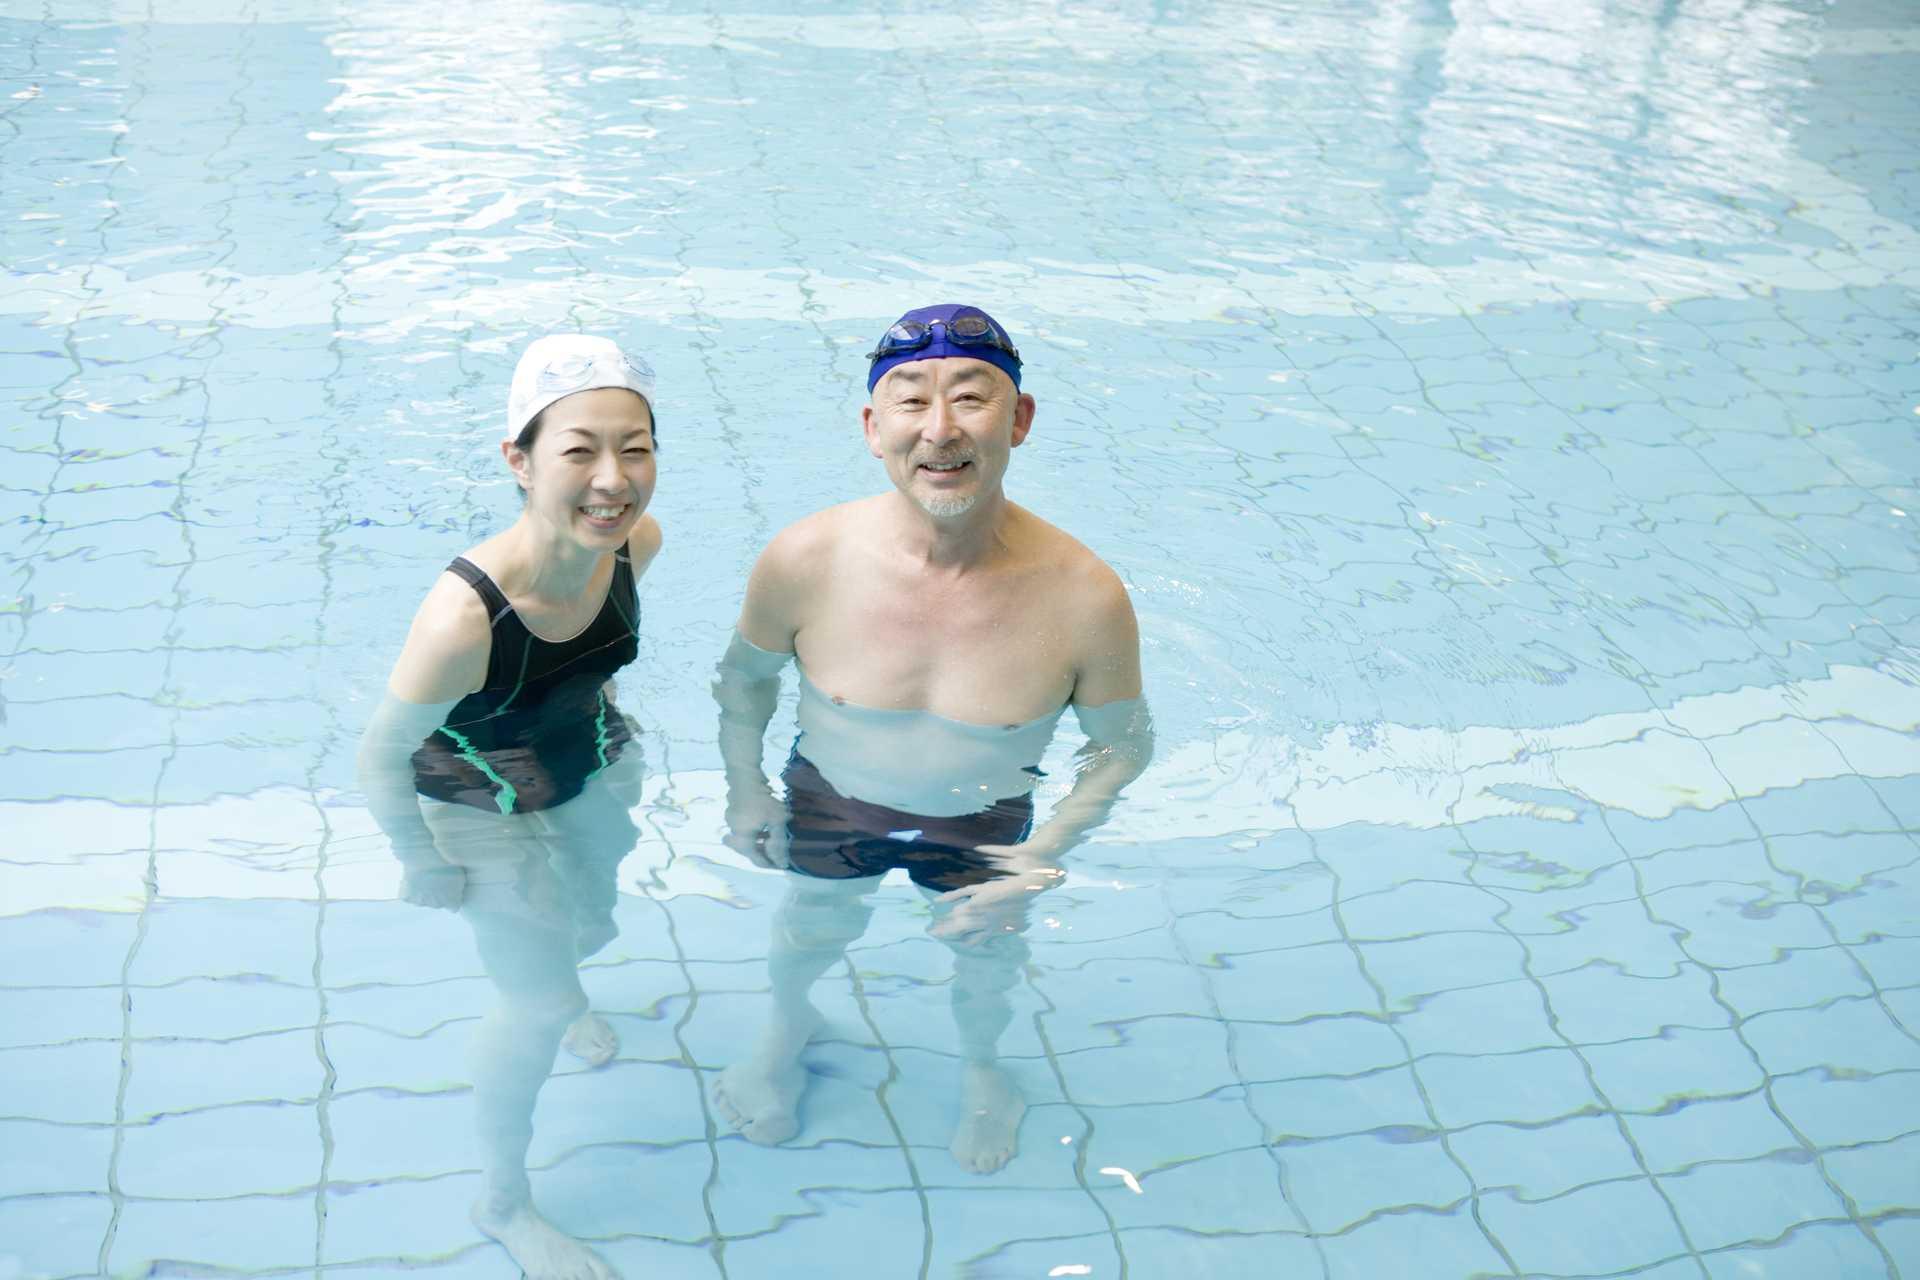 水中ウォーキングには、陸の上ではできないメリットがある。 | 健康のためになる30の散歩術